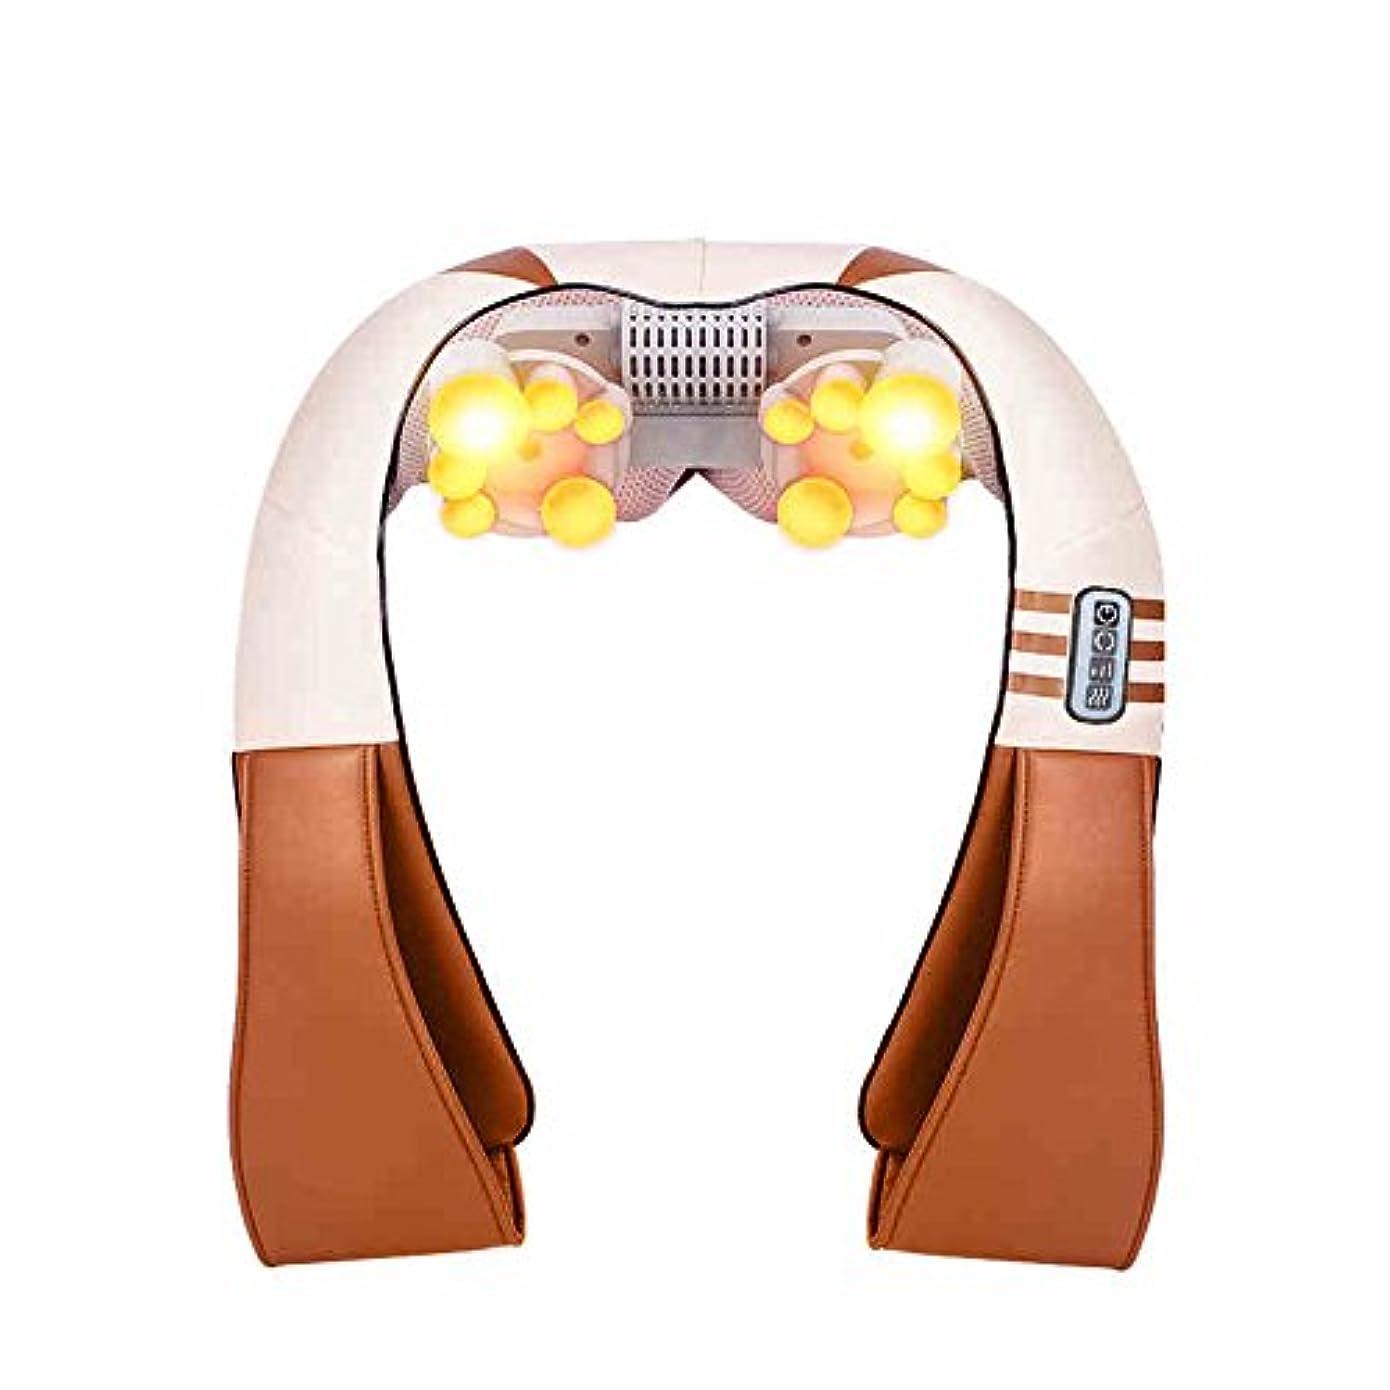 実行可能トチの実の木シマウマHAIZHEN マッサージチェア フルボディマッサージ器の電気運動振動指圧の混乱指圧リウマチの痛みを和らげる頭の血液循環を促進する